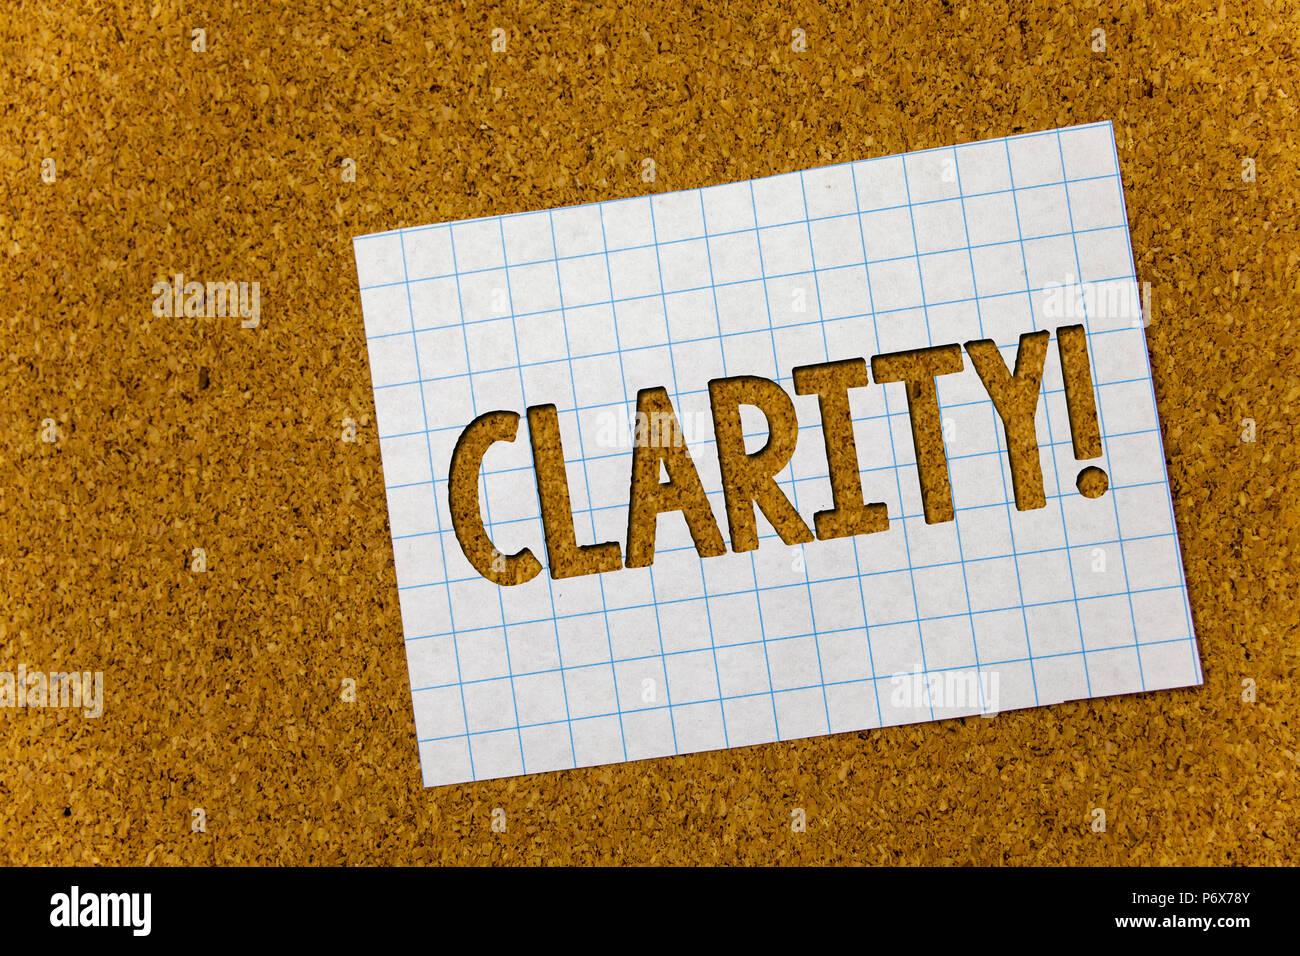 Signe texte montrant la clarté. Certitude photo conceptuelle La pureté Précision Précision Transparence compréhensibilité fond Liège feuilles de carnet d'idées moi Photo Stock